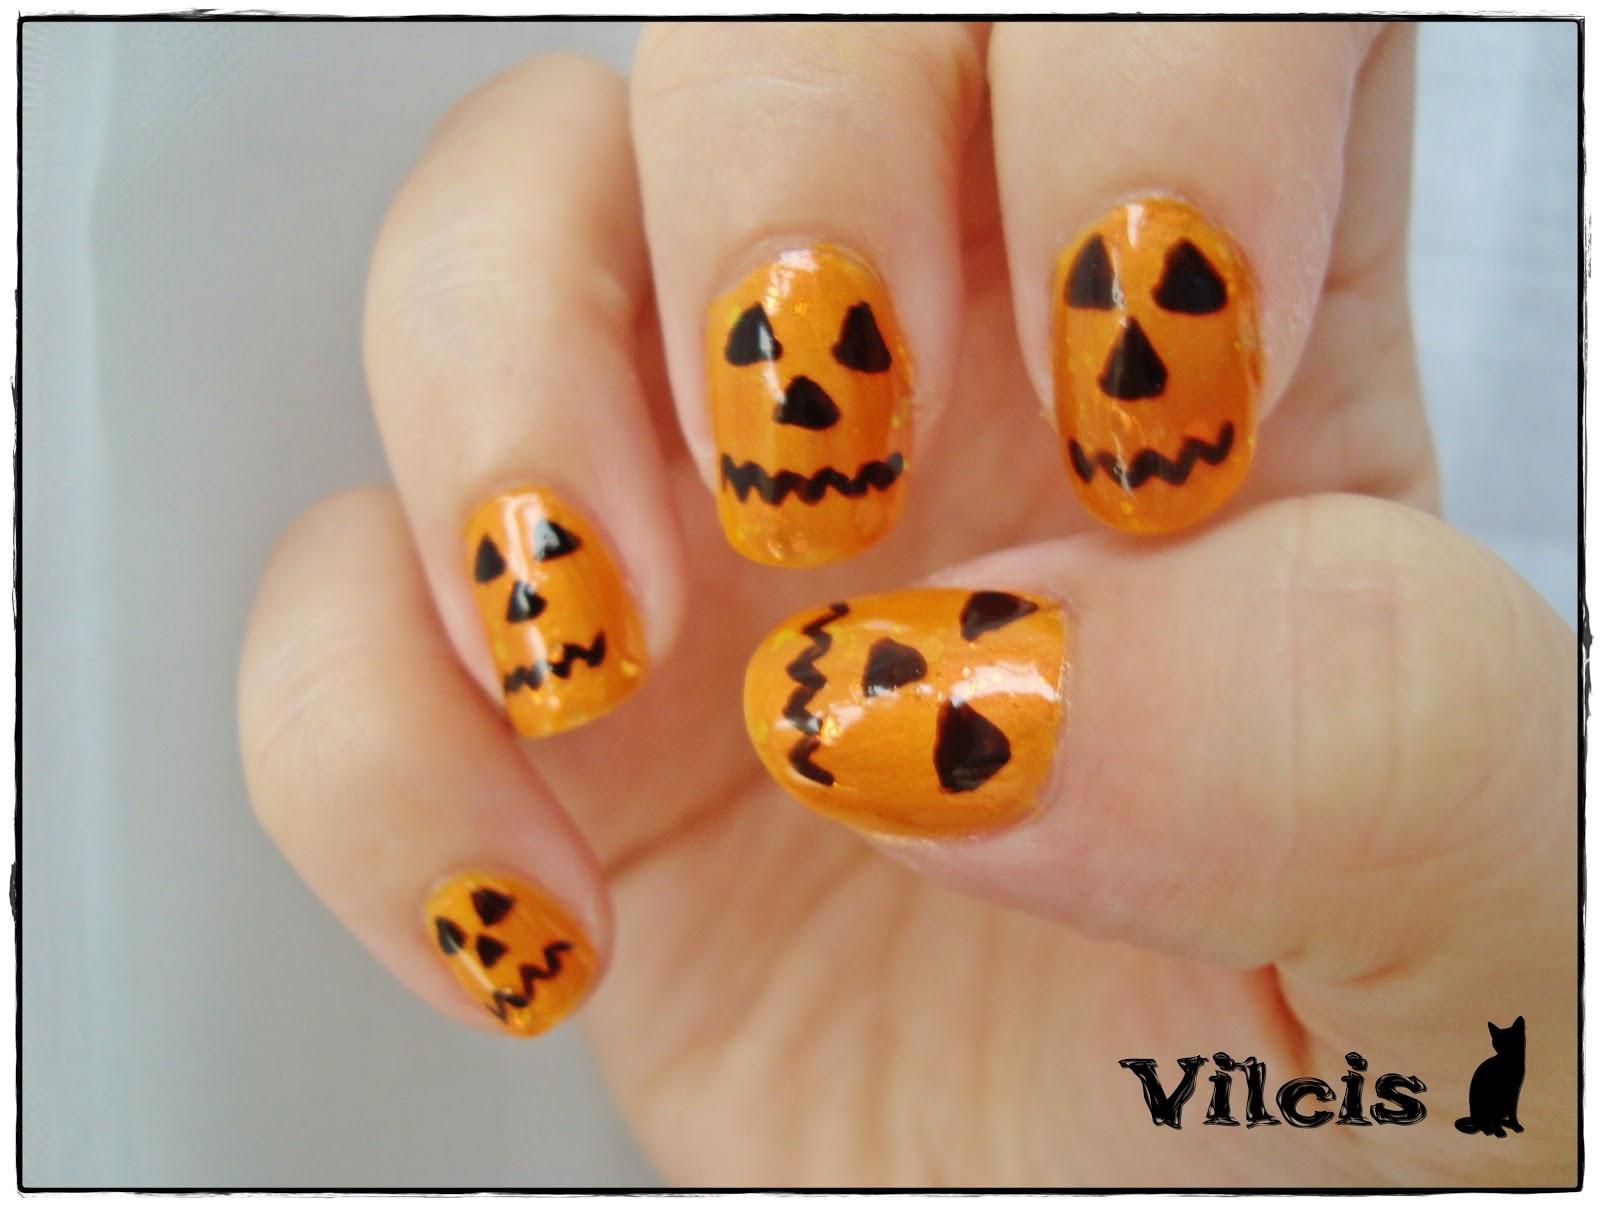 Dise o de halloween calabazas unas de acrilico u as - Disenos de calabazas de halloween ...